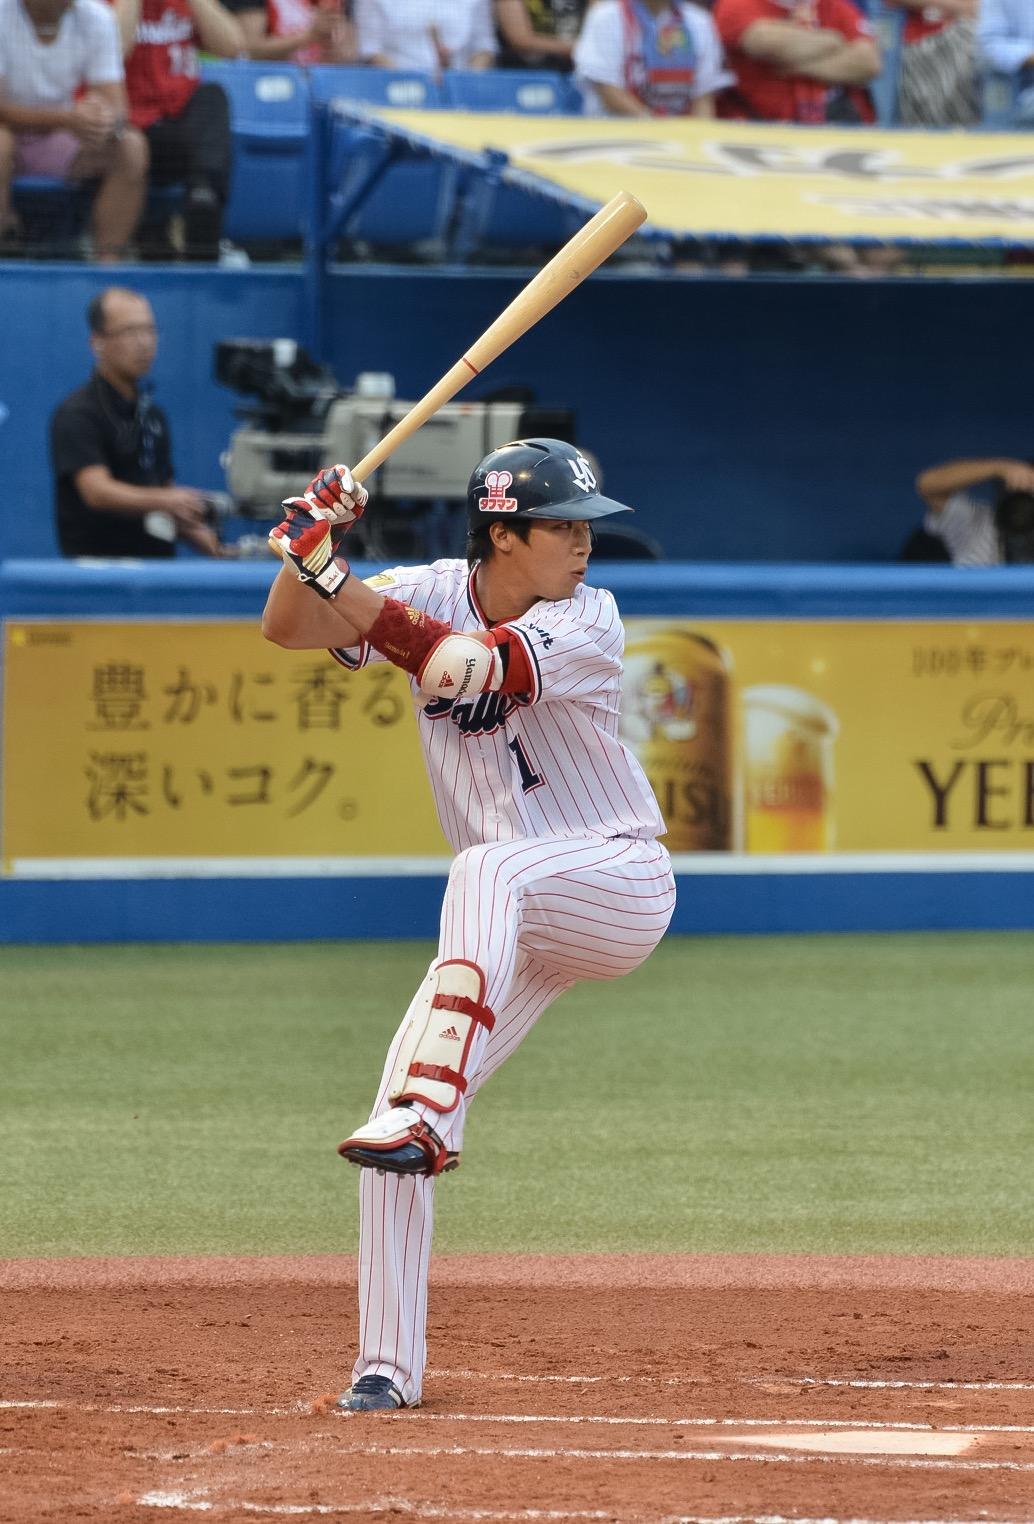 山田哲人 - Wikipedia